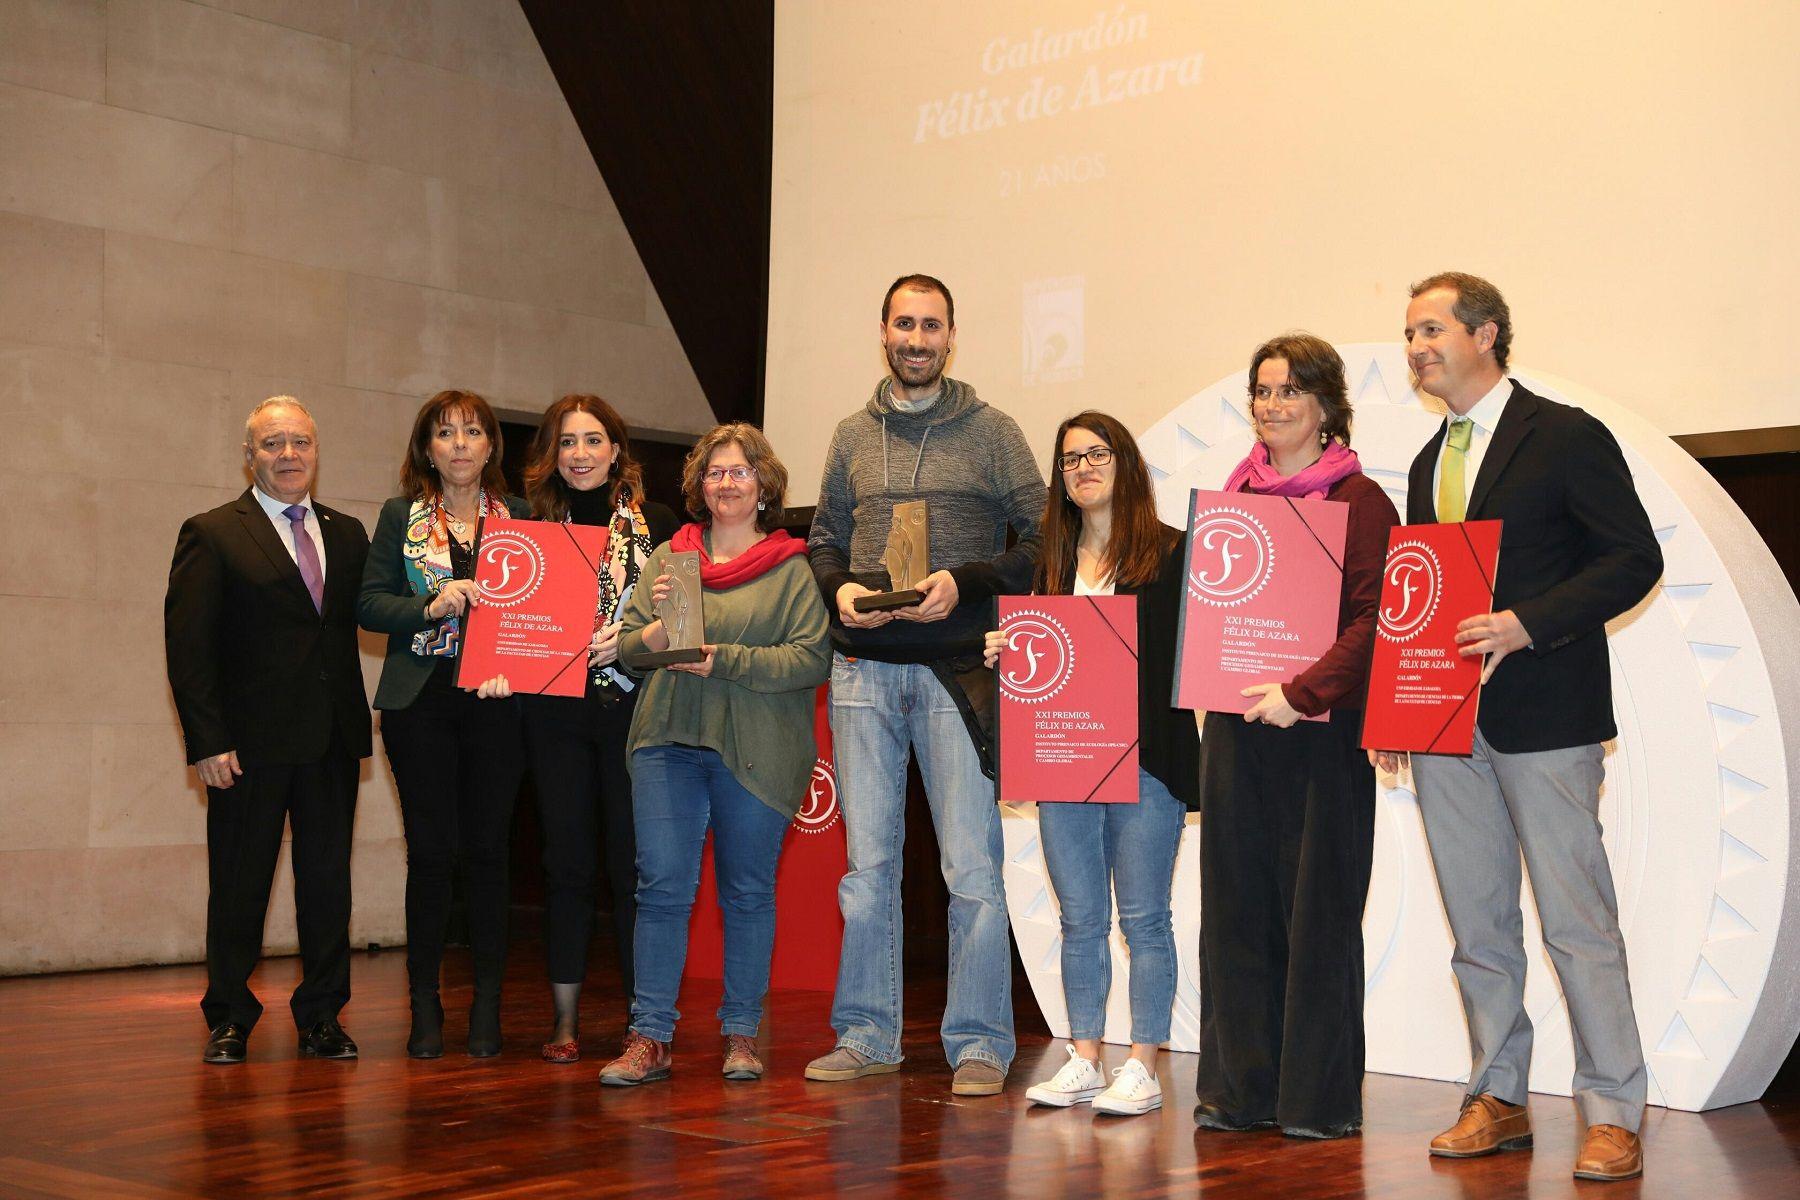 Los galardonados. Foto: DPH. Álvaro Calvo.